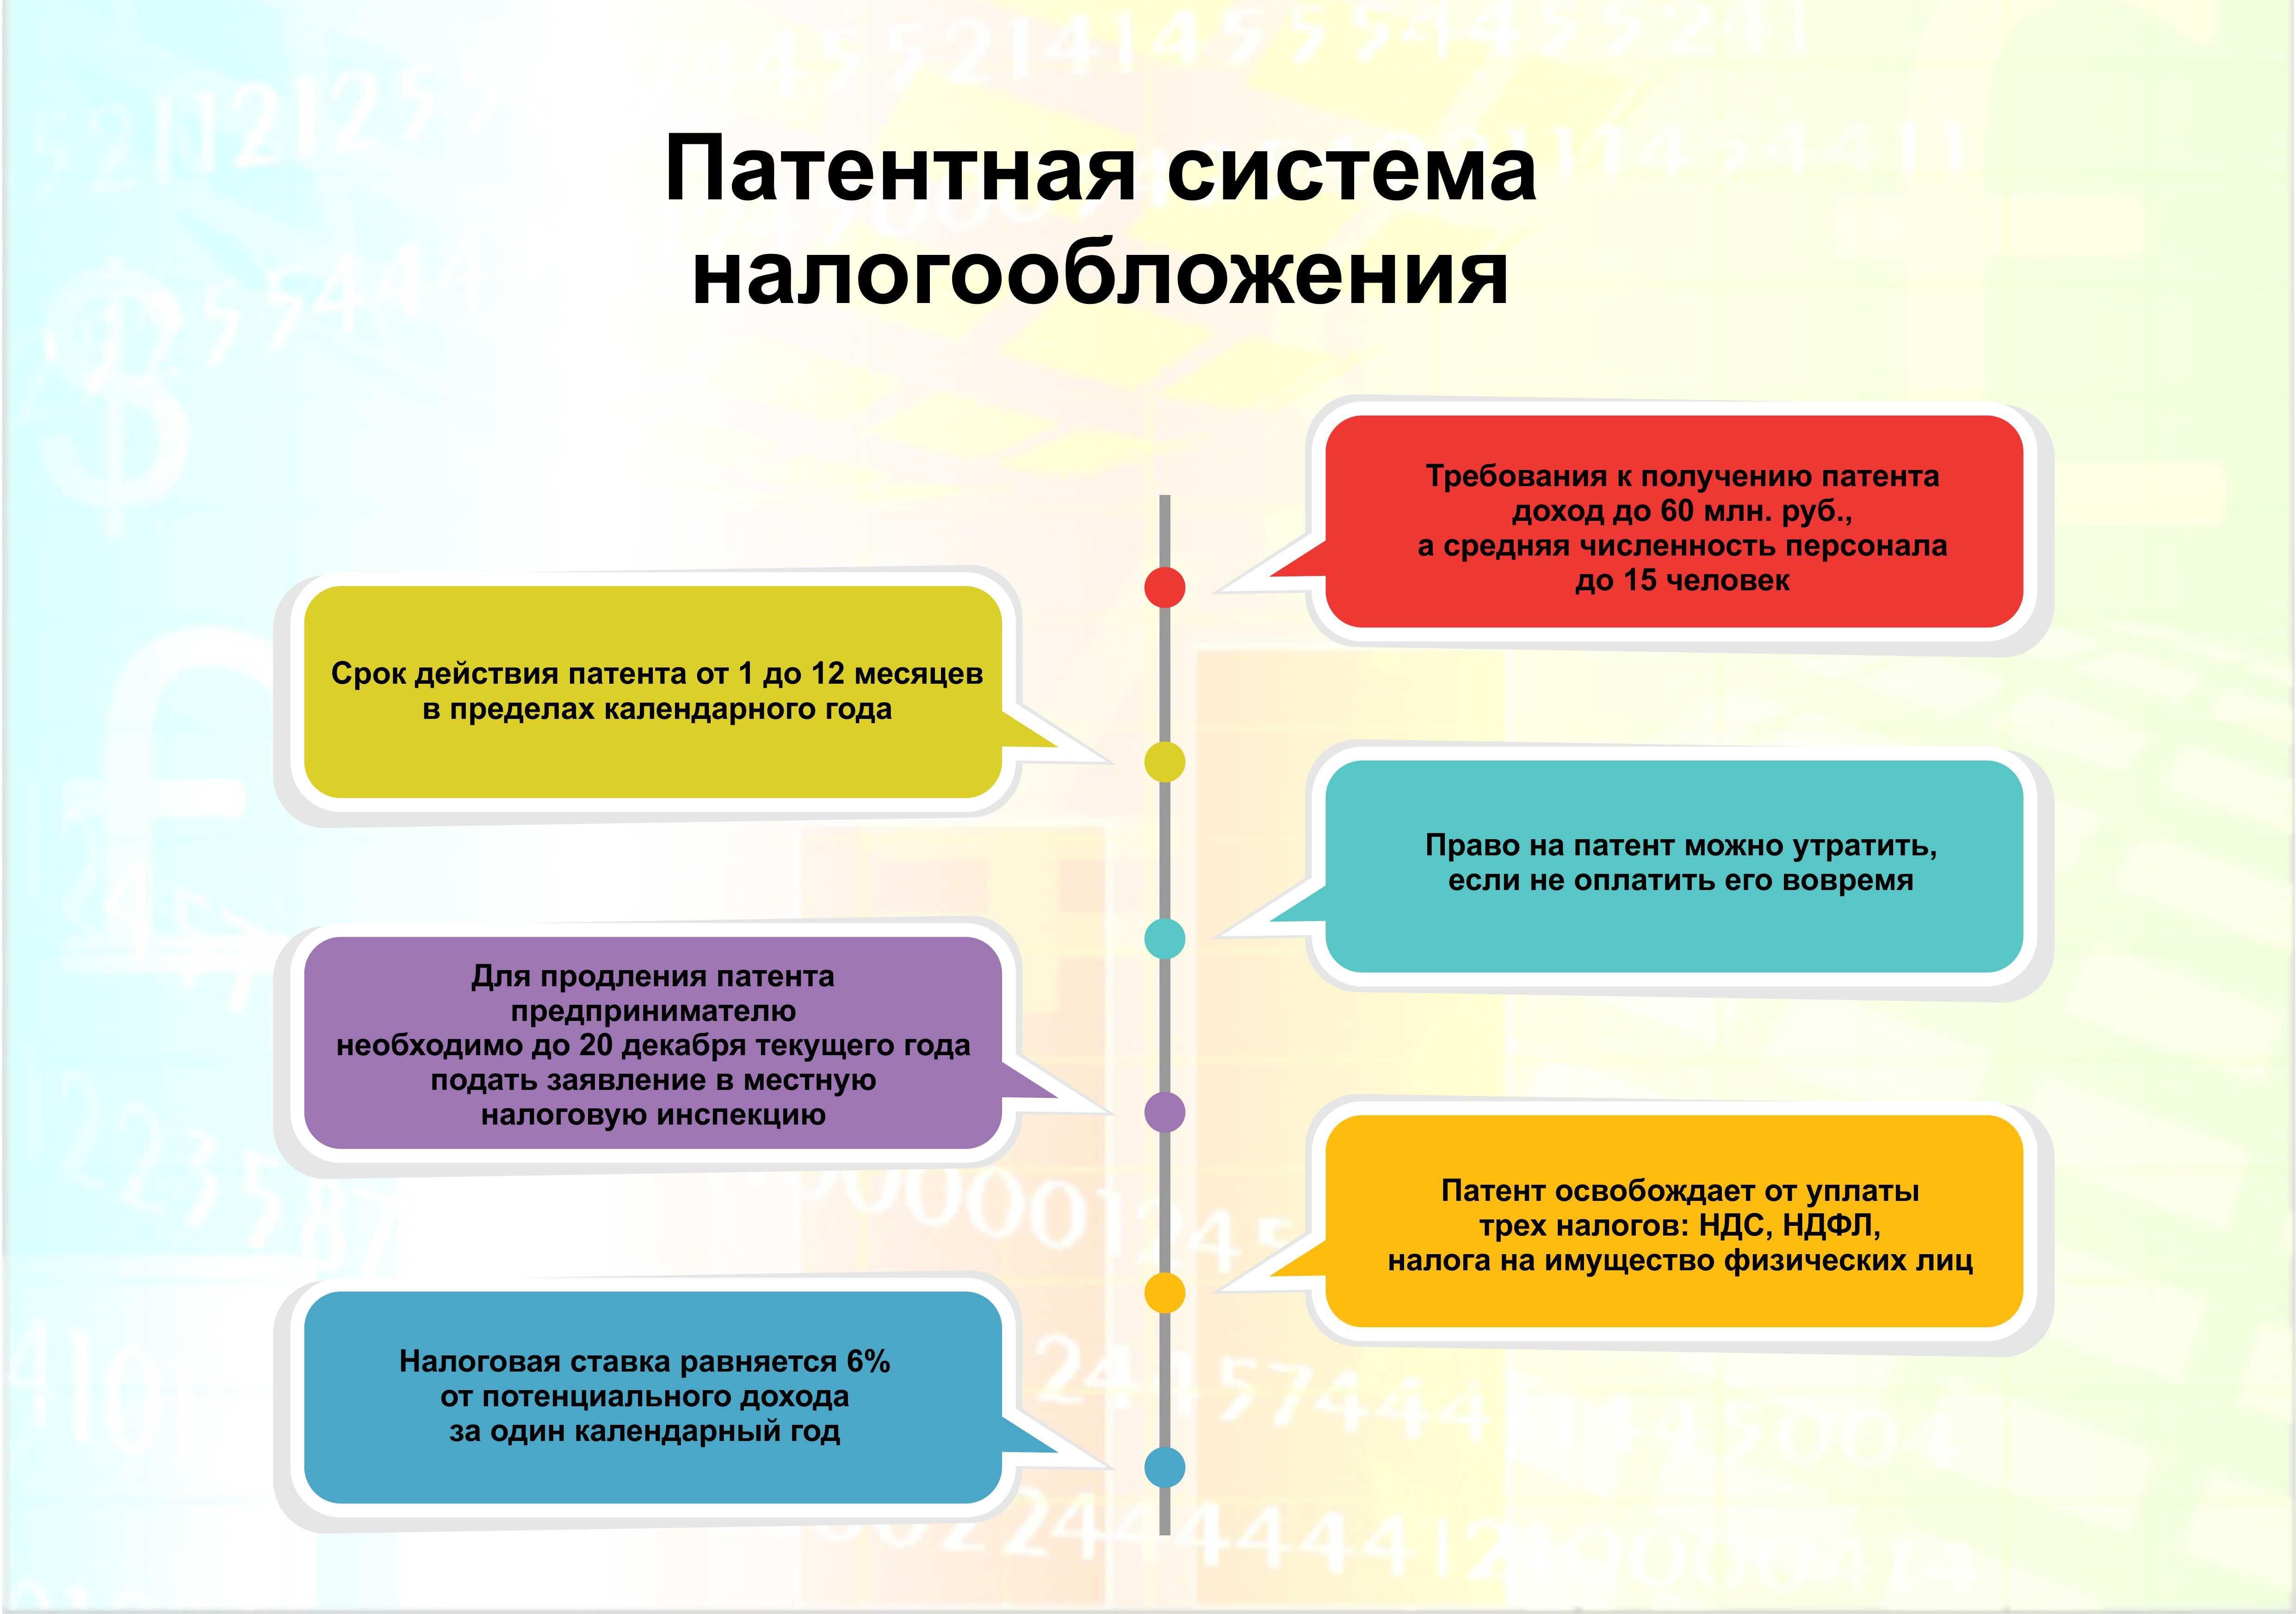 Схема патентной системы налогообложения